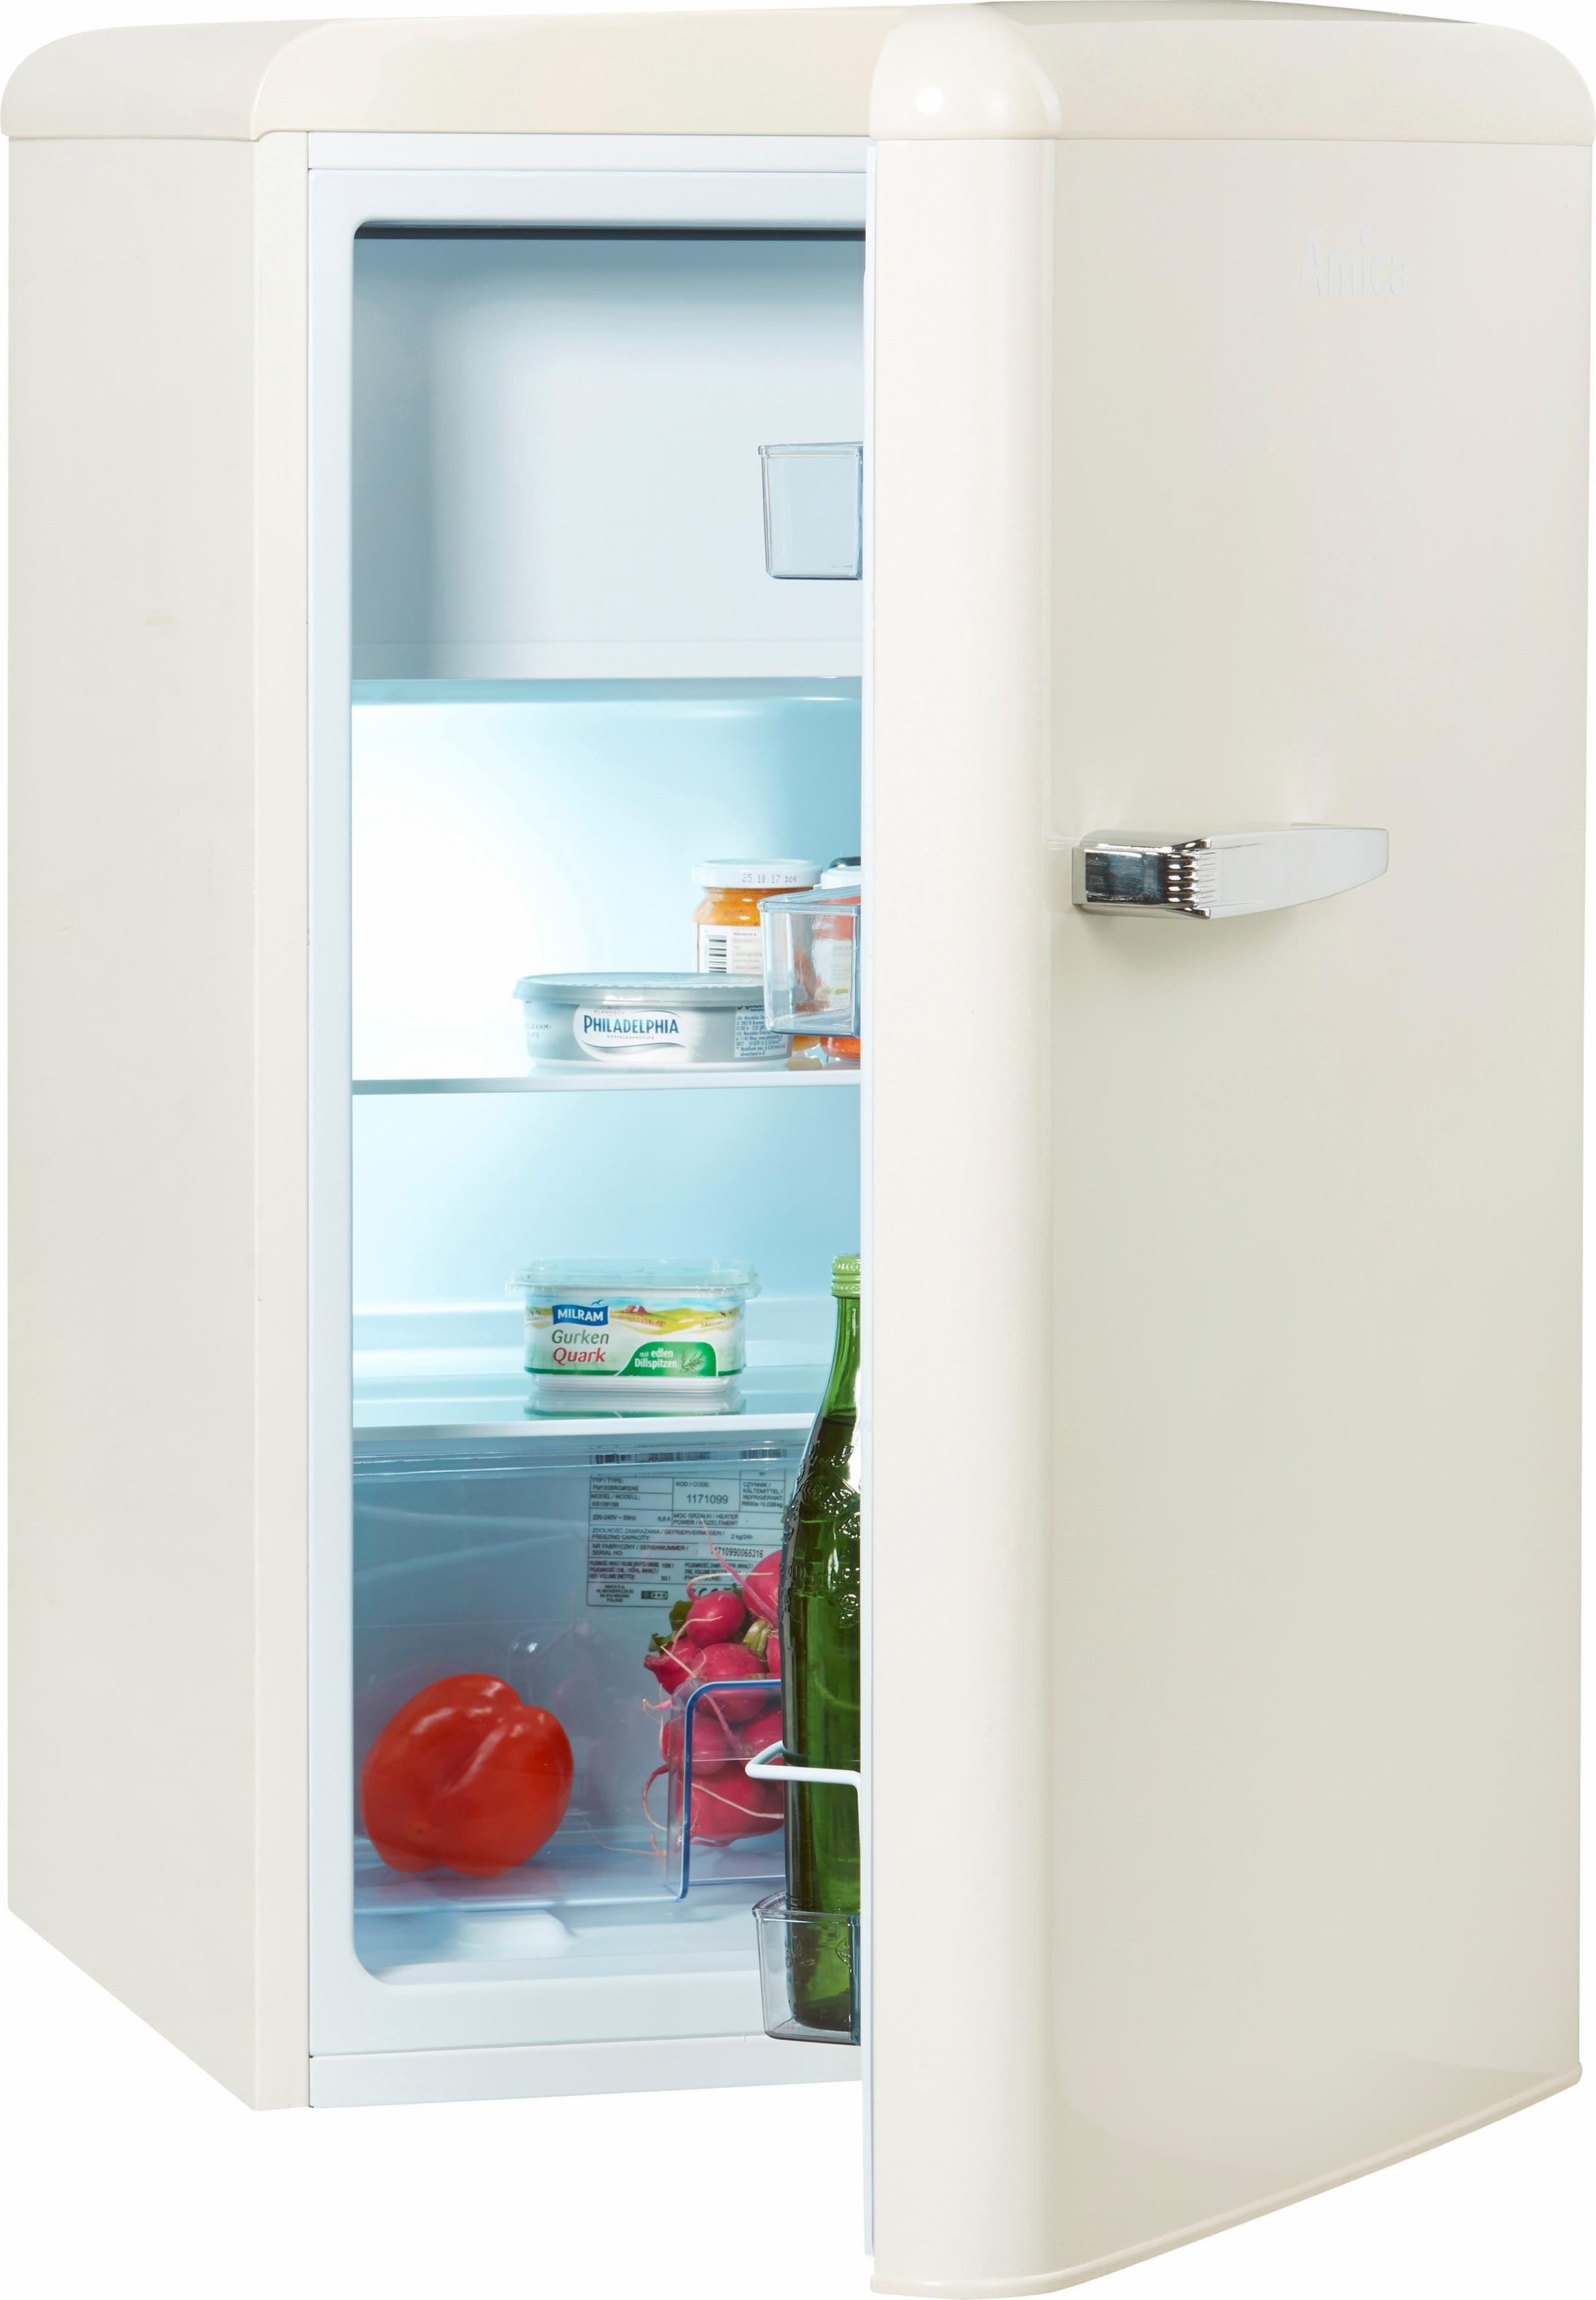 Amica koelkast KS 15615 B, A++, 86 cm hoog bij OTTO online kopen